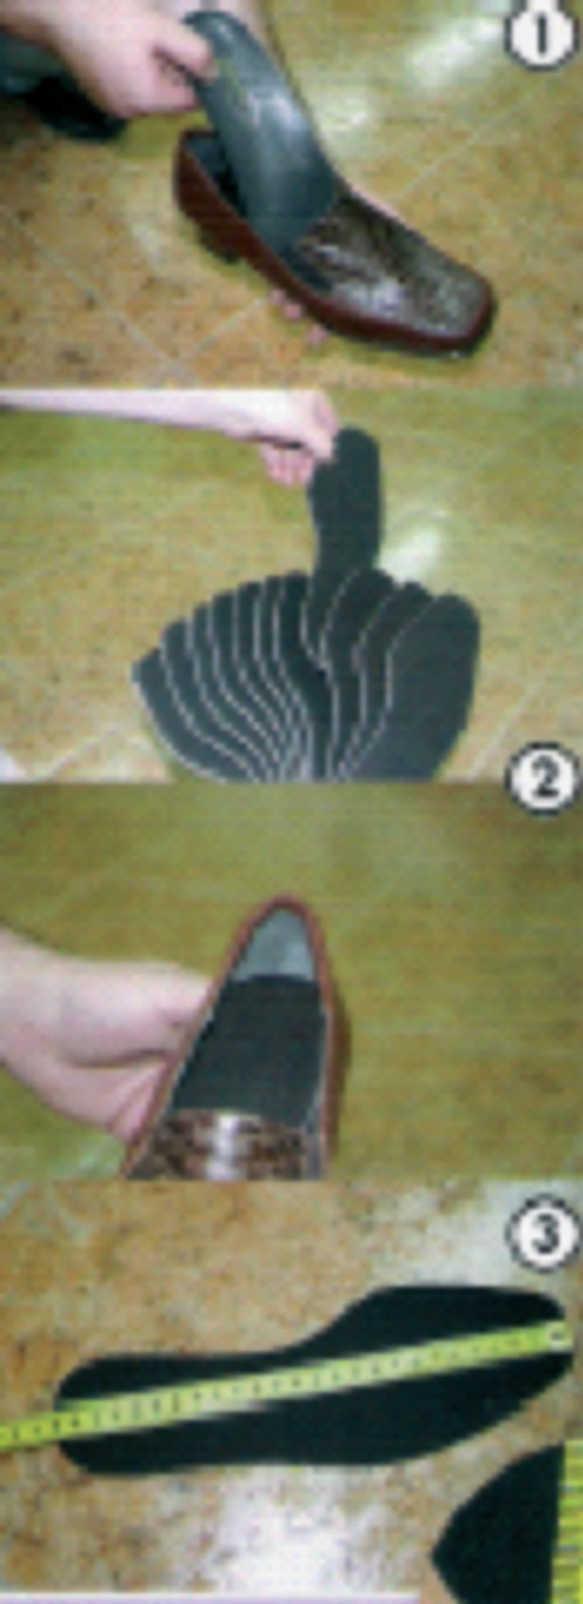 ae942caec Luego, se mide con un metro en centímetros desde el centro de la punta  hasta el centro del talón. Los centímetros que se anoten corresponderán, ...